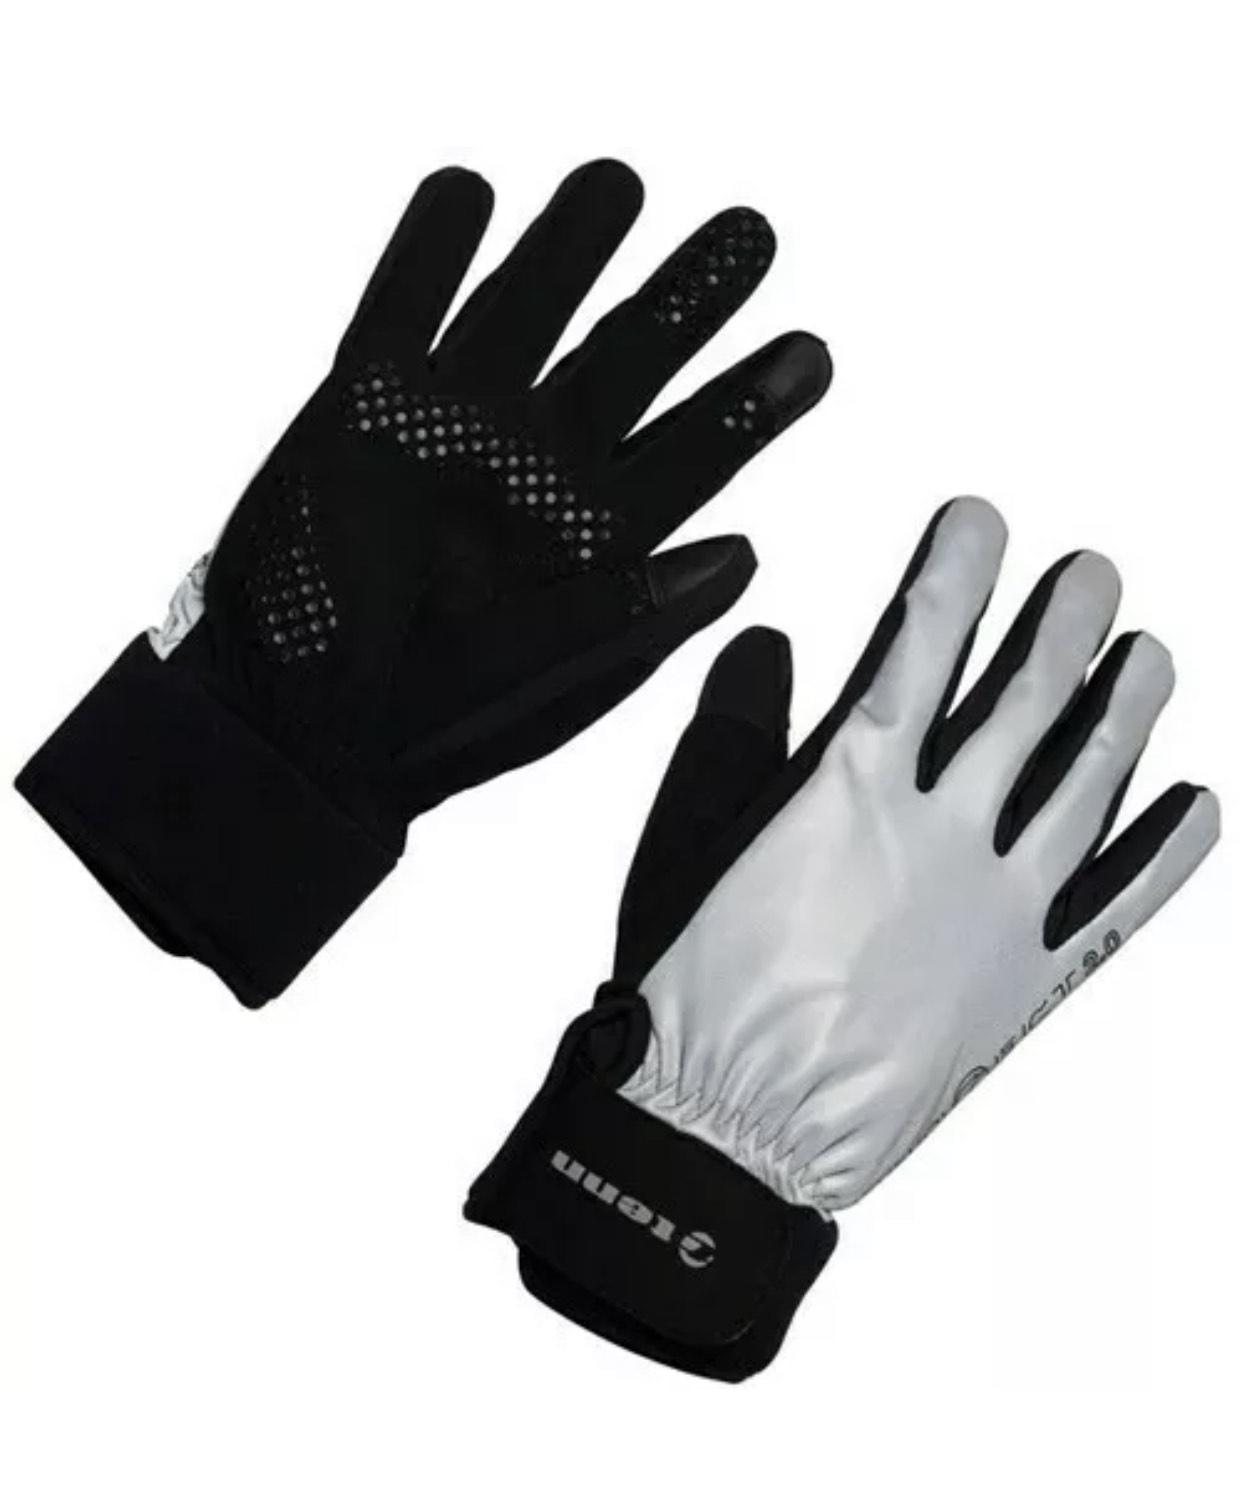 # Silverline Heavy Duty Single Double Dot Gloves 1 2 5 10 25 Pairs 196545 783131